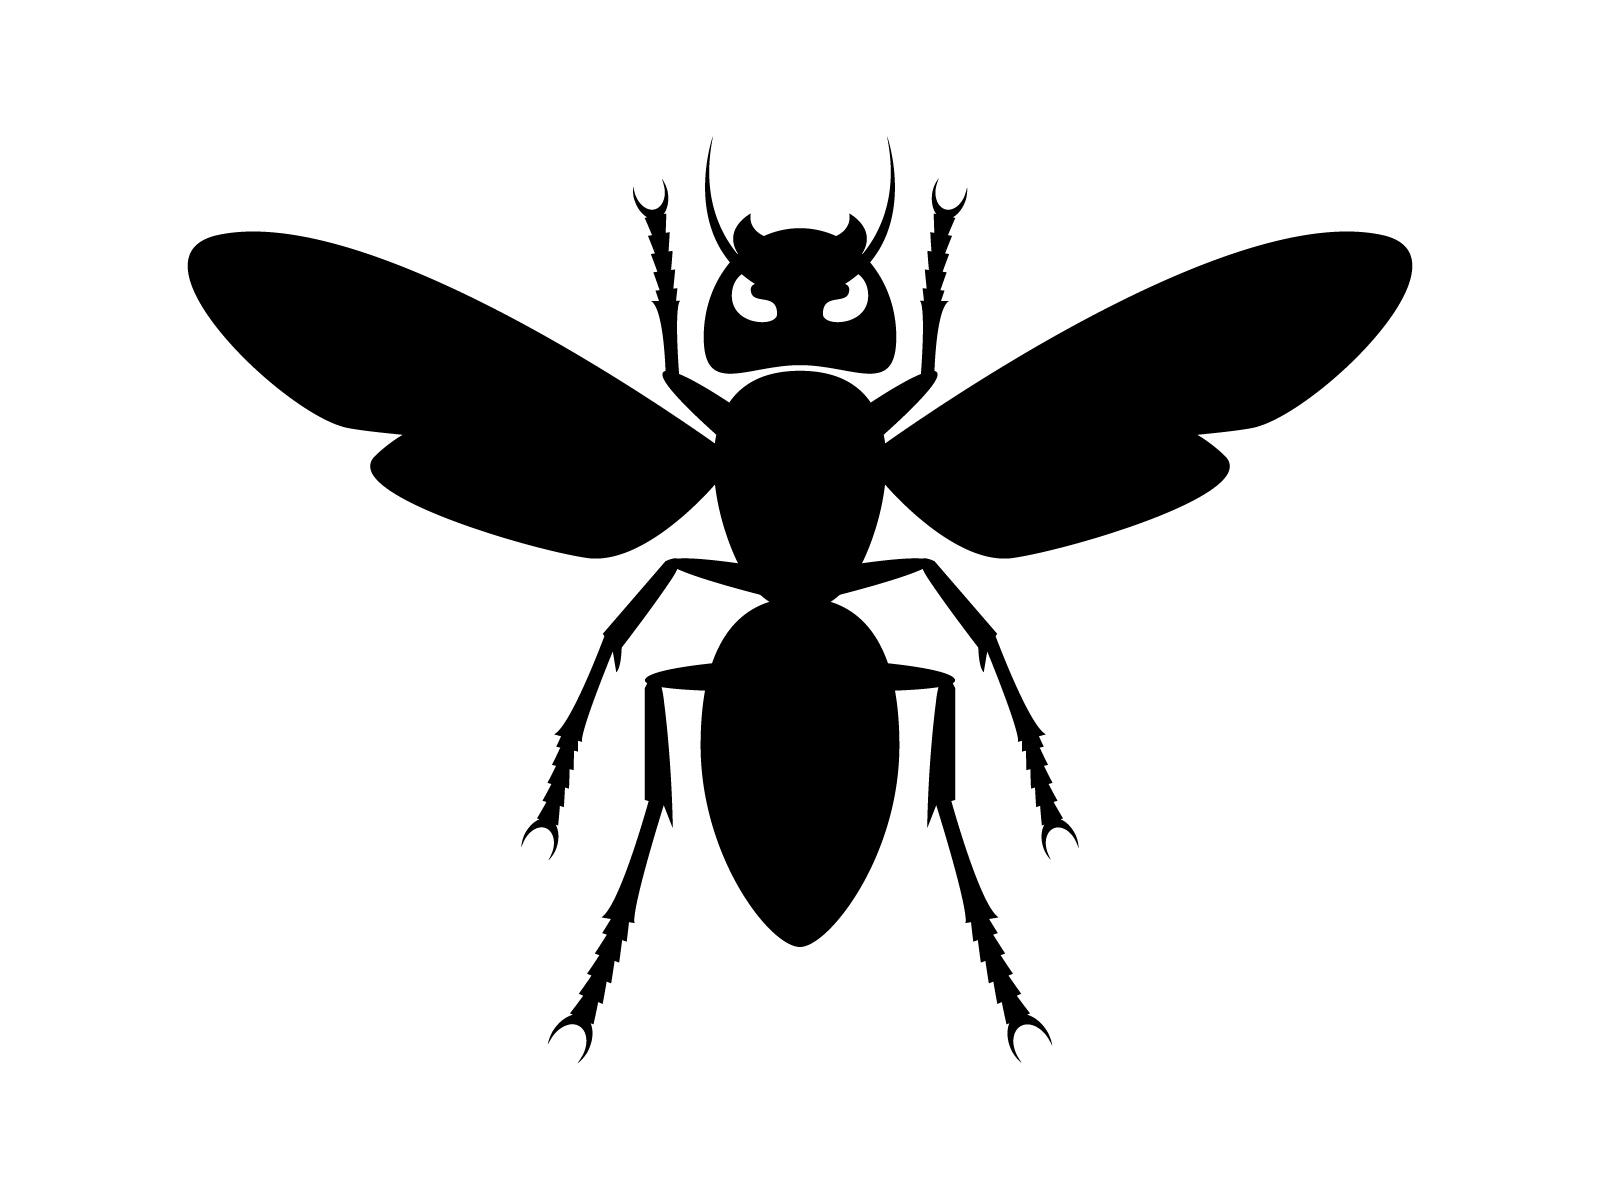 ツチバチのことを知りたい!危険度は?見つけてもソッとしておこう